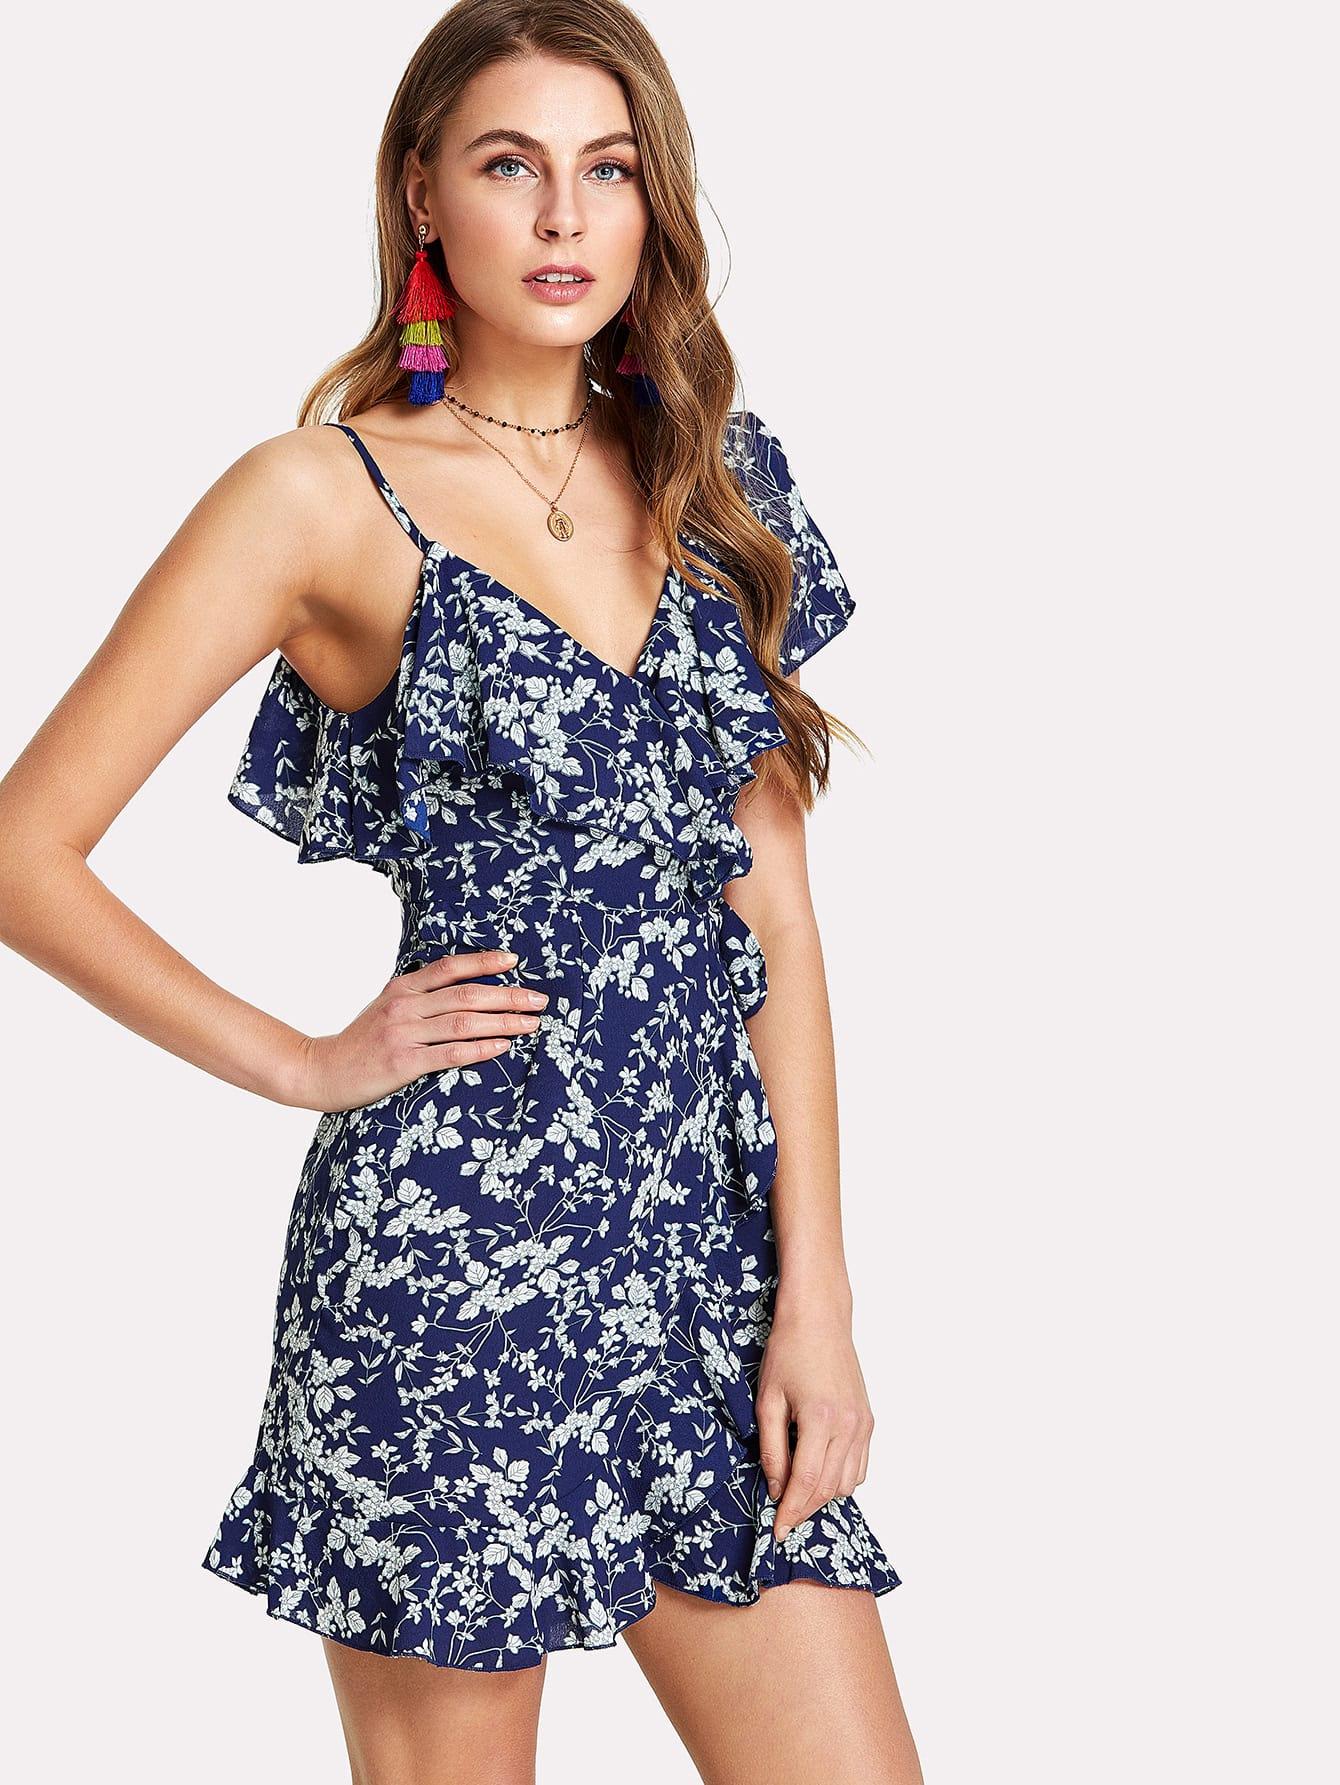 Модное платье с оборкой и цветочным принтом, Nastya, SheIn  - купить со скидкой